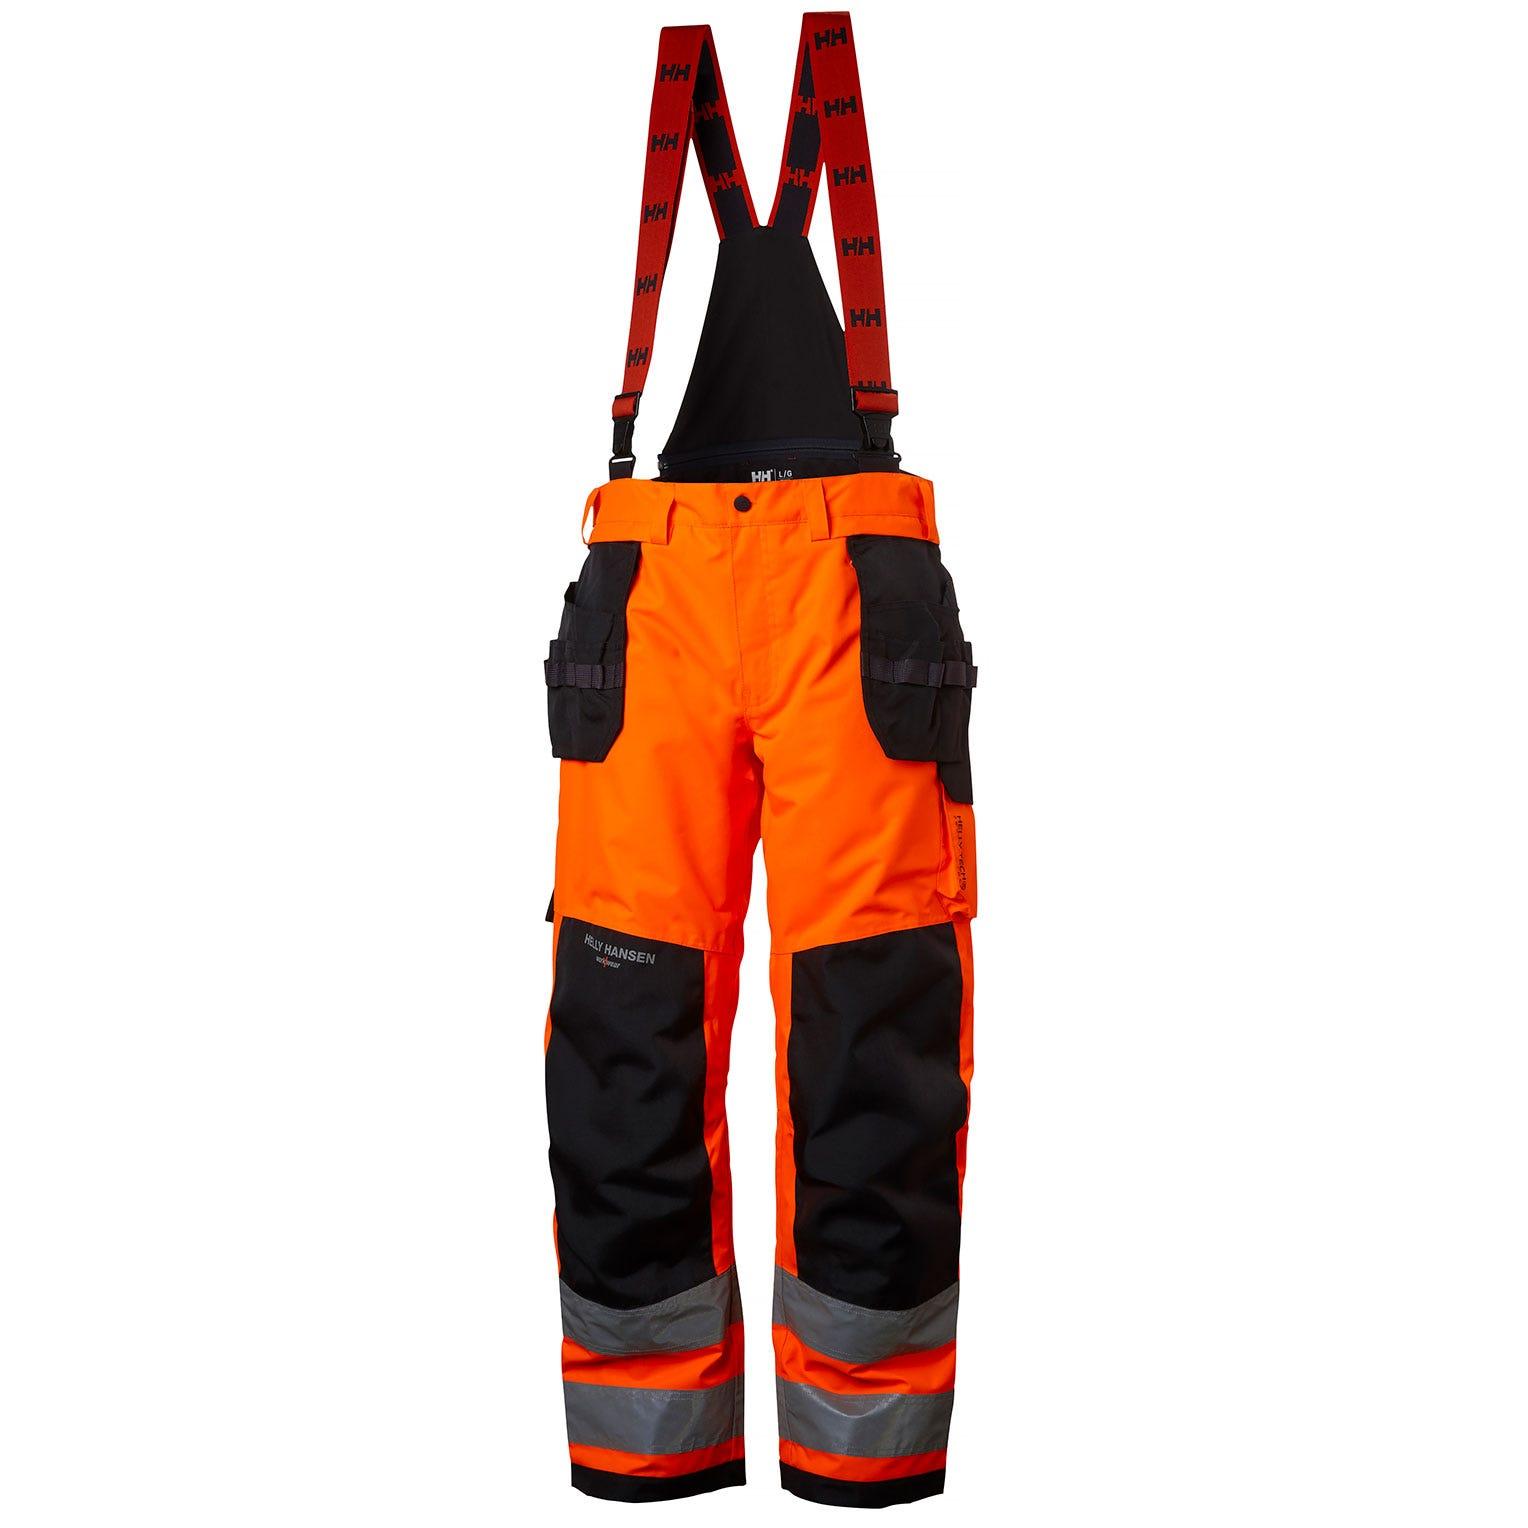 Helly Hansen Broeken Alna 71495 High Vis fluo oranje-ebbenhout(269)